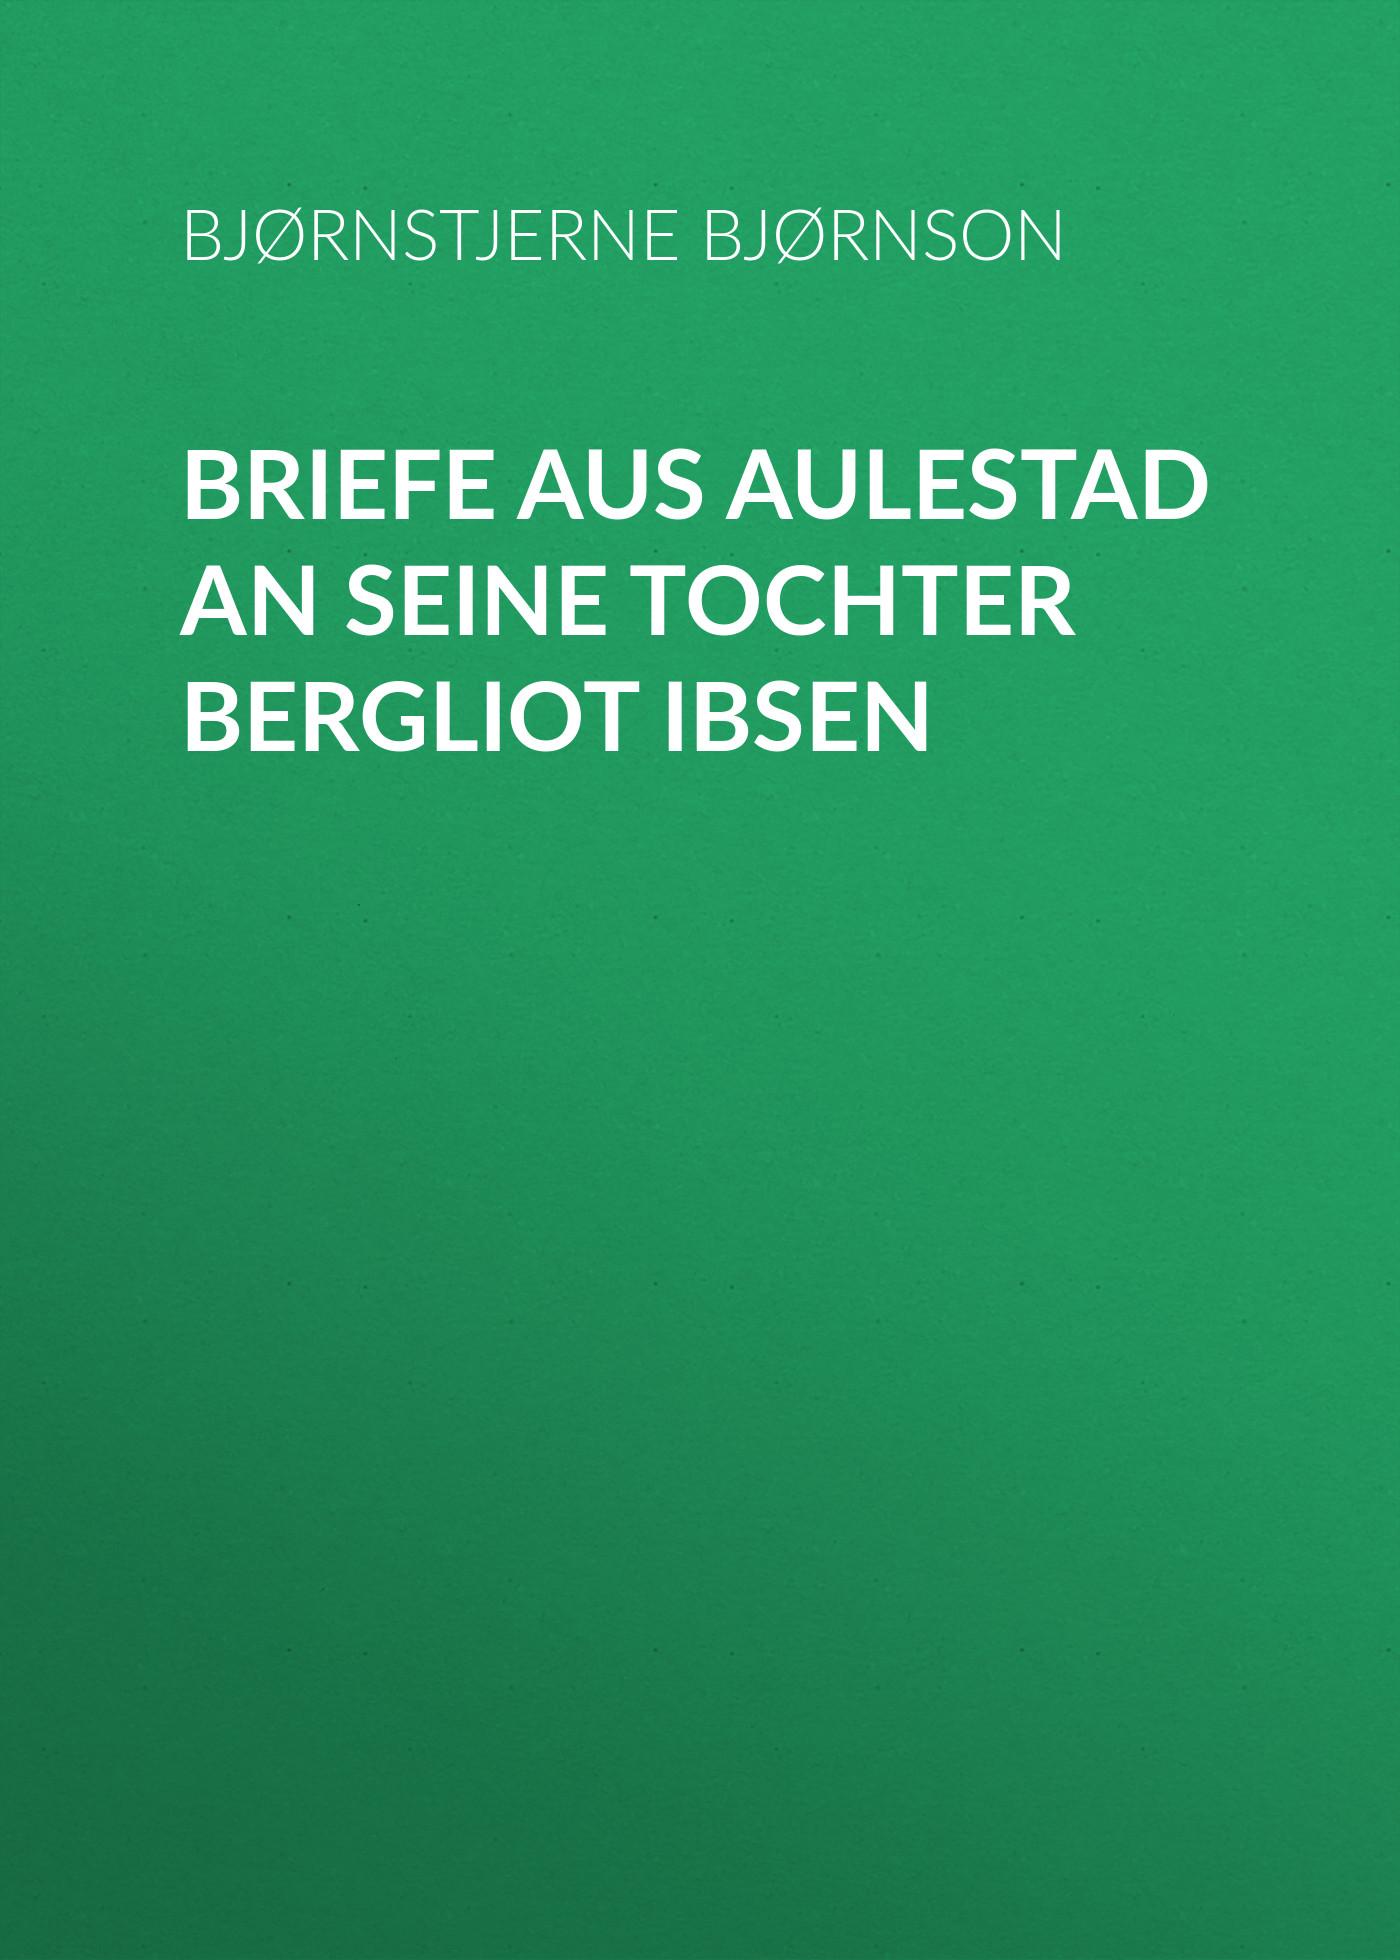 Bjørnstjerne Bjørnson Briefe aus Aulestad an seine Tochter Bergliot Ibsen mendelssohn bartholdy felix briefe aus den jahren 1830 bis 1847